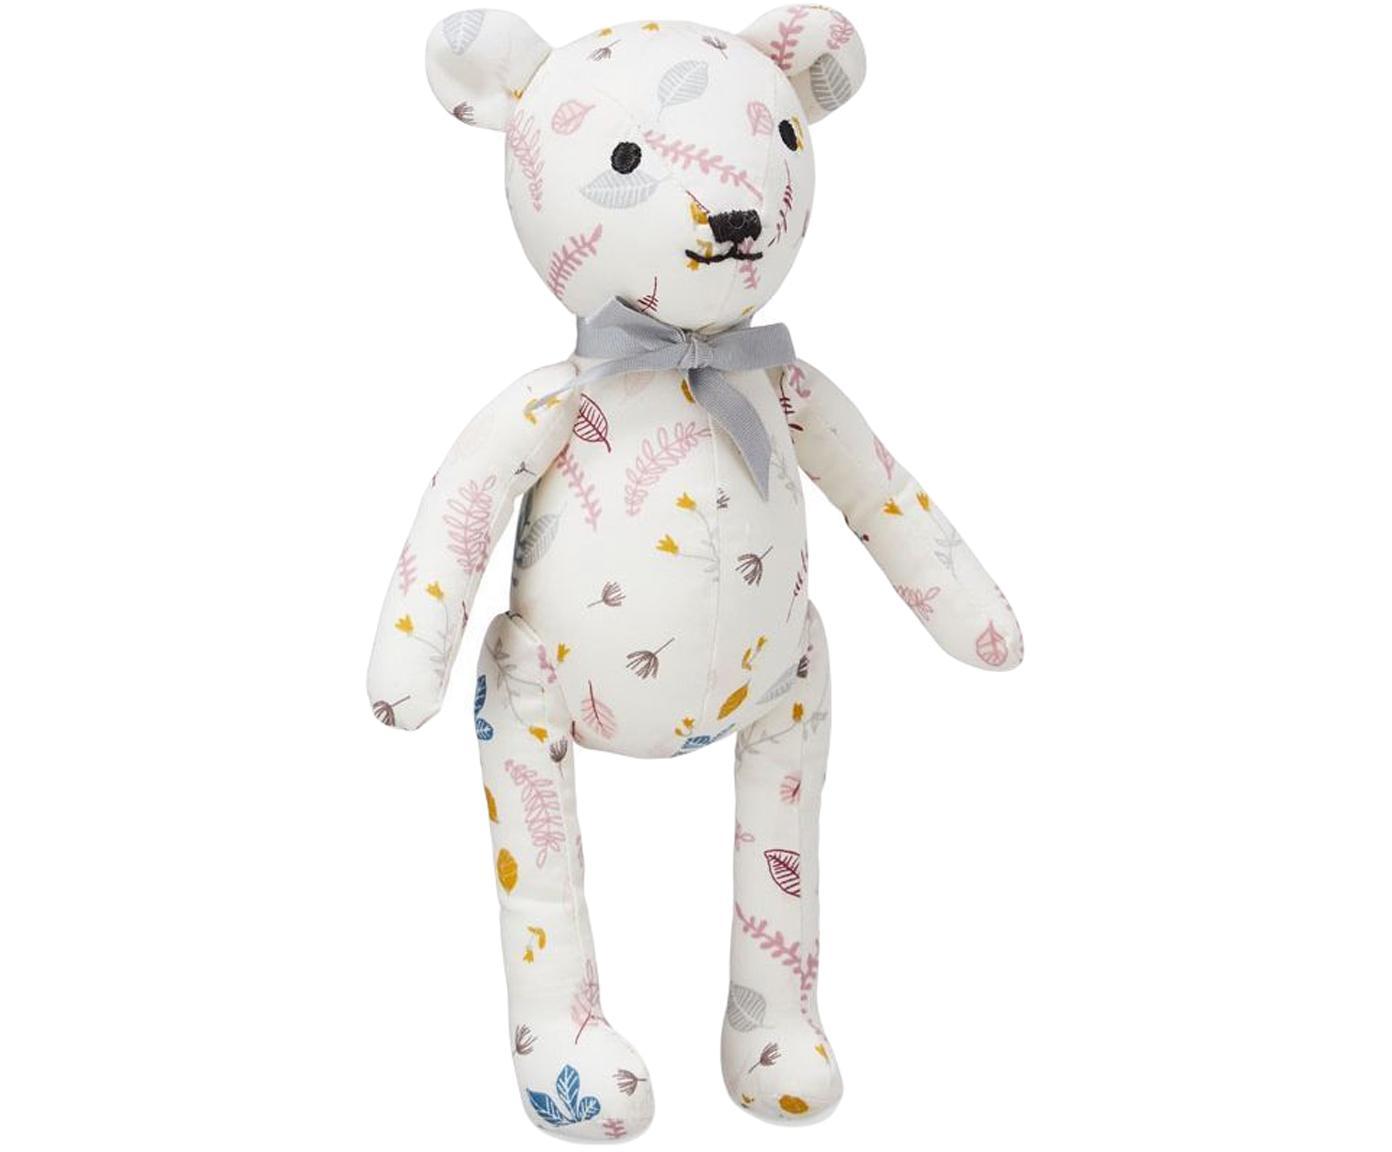 Kuscheltier Teddy aus Bio-Baumwolle, Bezug: Bio-Baumwolle, OCS-zertif, Weiss, Rosatöne, Gelb, 14 x 28 cm